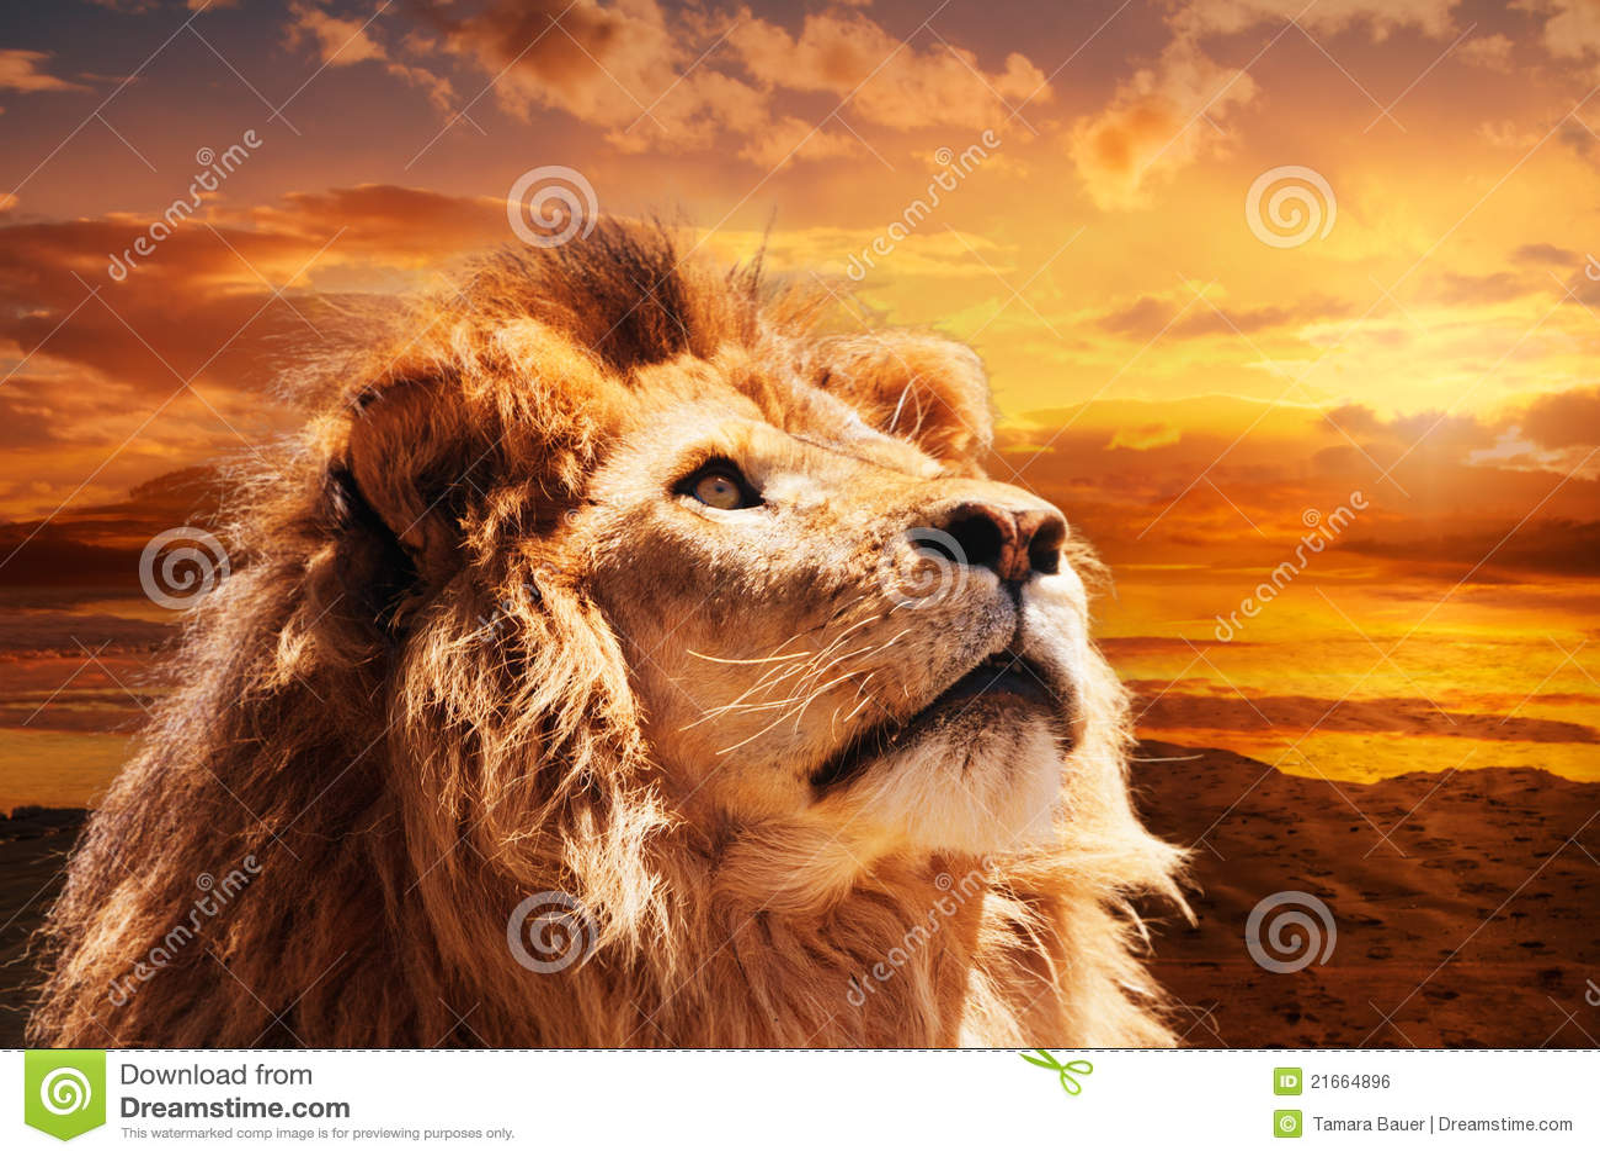 Lion majestueux photo stock image du m le horizontal - Photos de lions gratuites ...